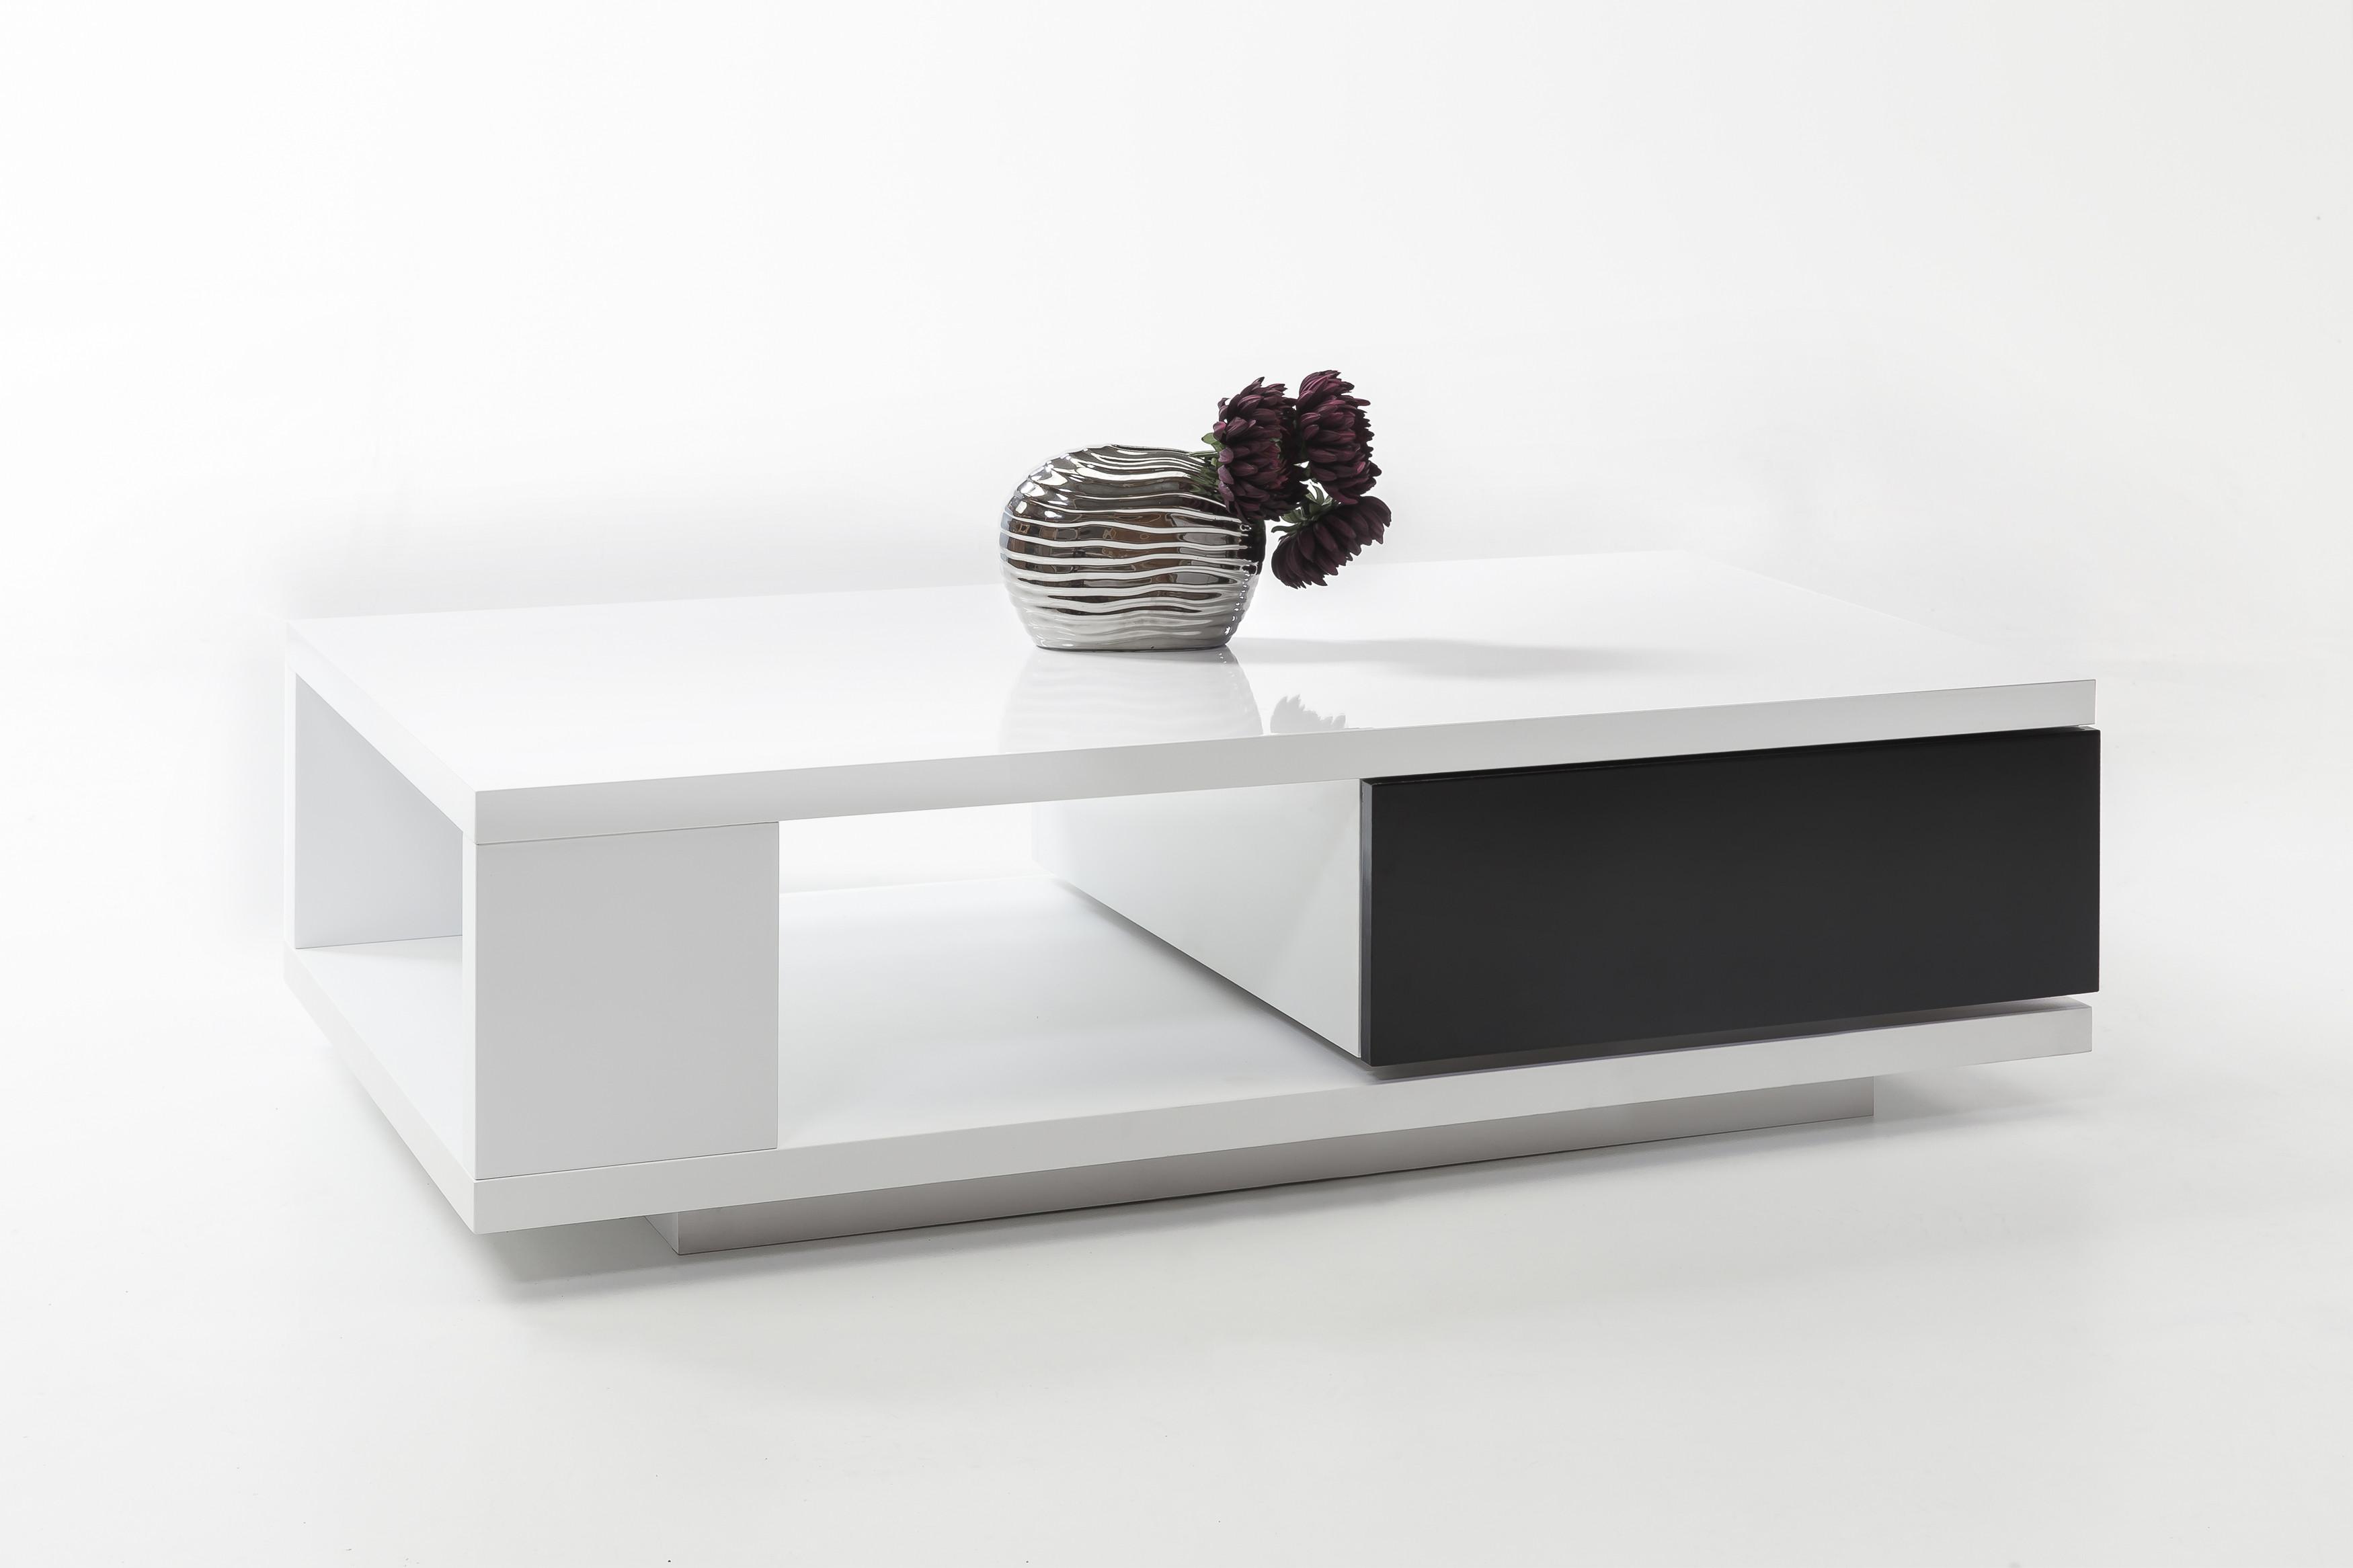 couchtisch weiss hochglanz schwarz lackiert woody 29 00558 modern m bel24. Black Bedroom Furniture Sets. Home Design Ideas